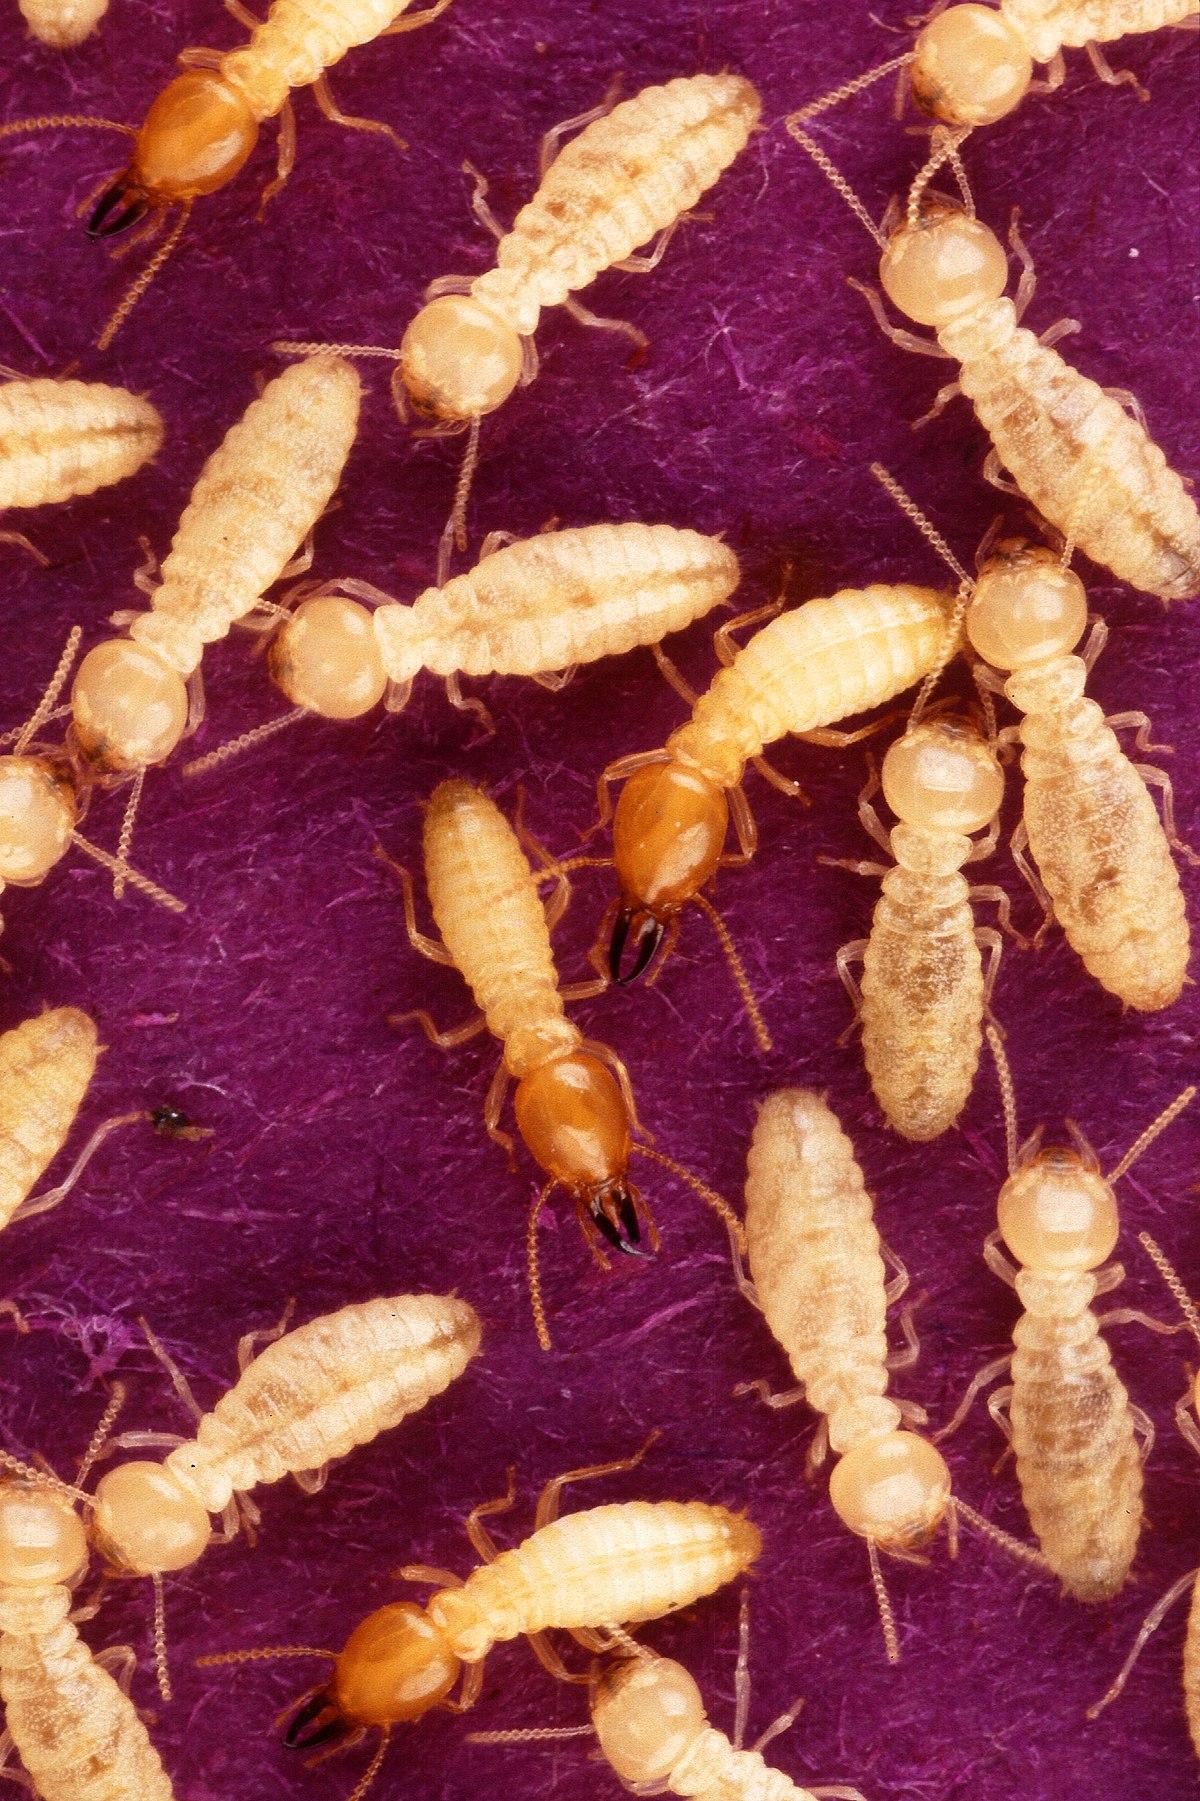 Termite - Wikipedia